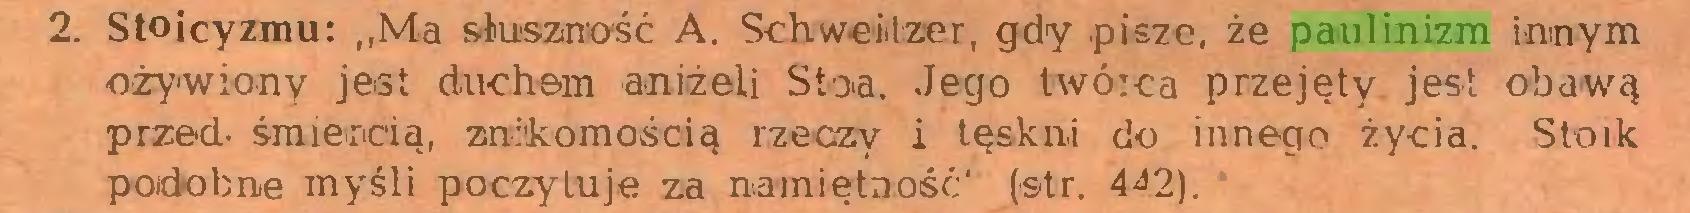 """(...) 2. Stoicyzmu: """"Ma słuszność A. Schweitzer, gdy pisze, że paulinizm innym ożywiony jest duchem aniżeli Stoa, Jego twórca przejęty jest obawą przed- śmiercią, znókomośoią rzeczy i tęskni do innego życia. Stoik podobne myśli poczytuje za namiętność' (str. 4^2)..."""